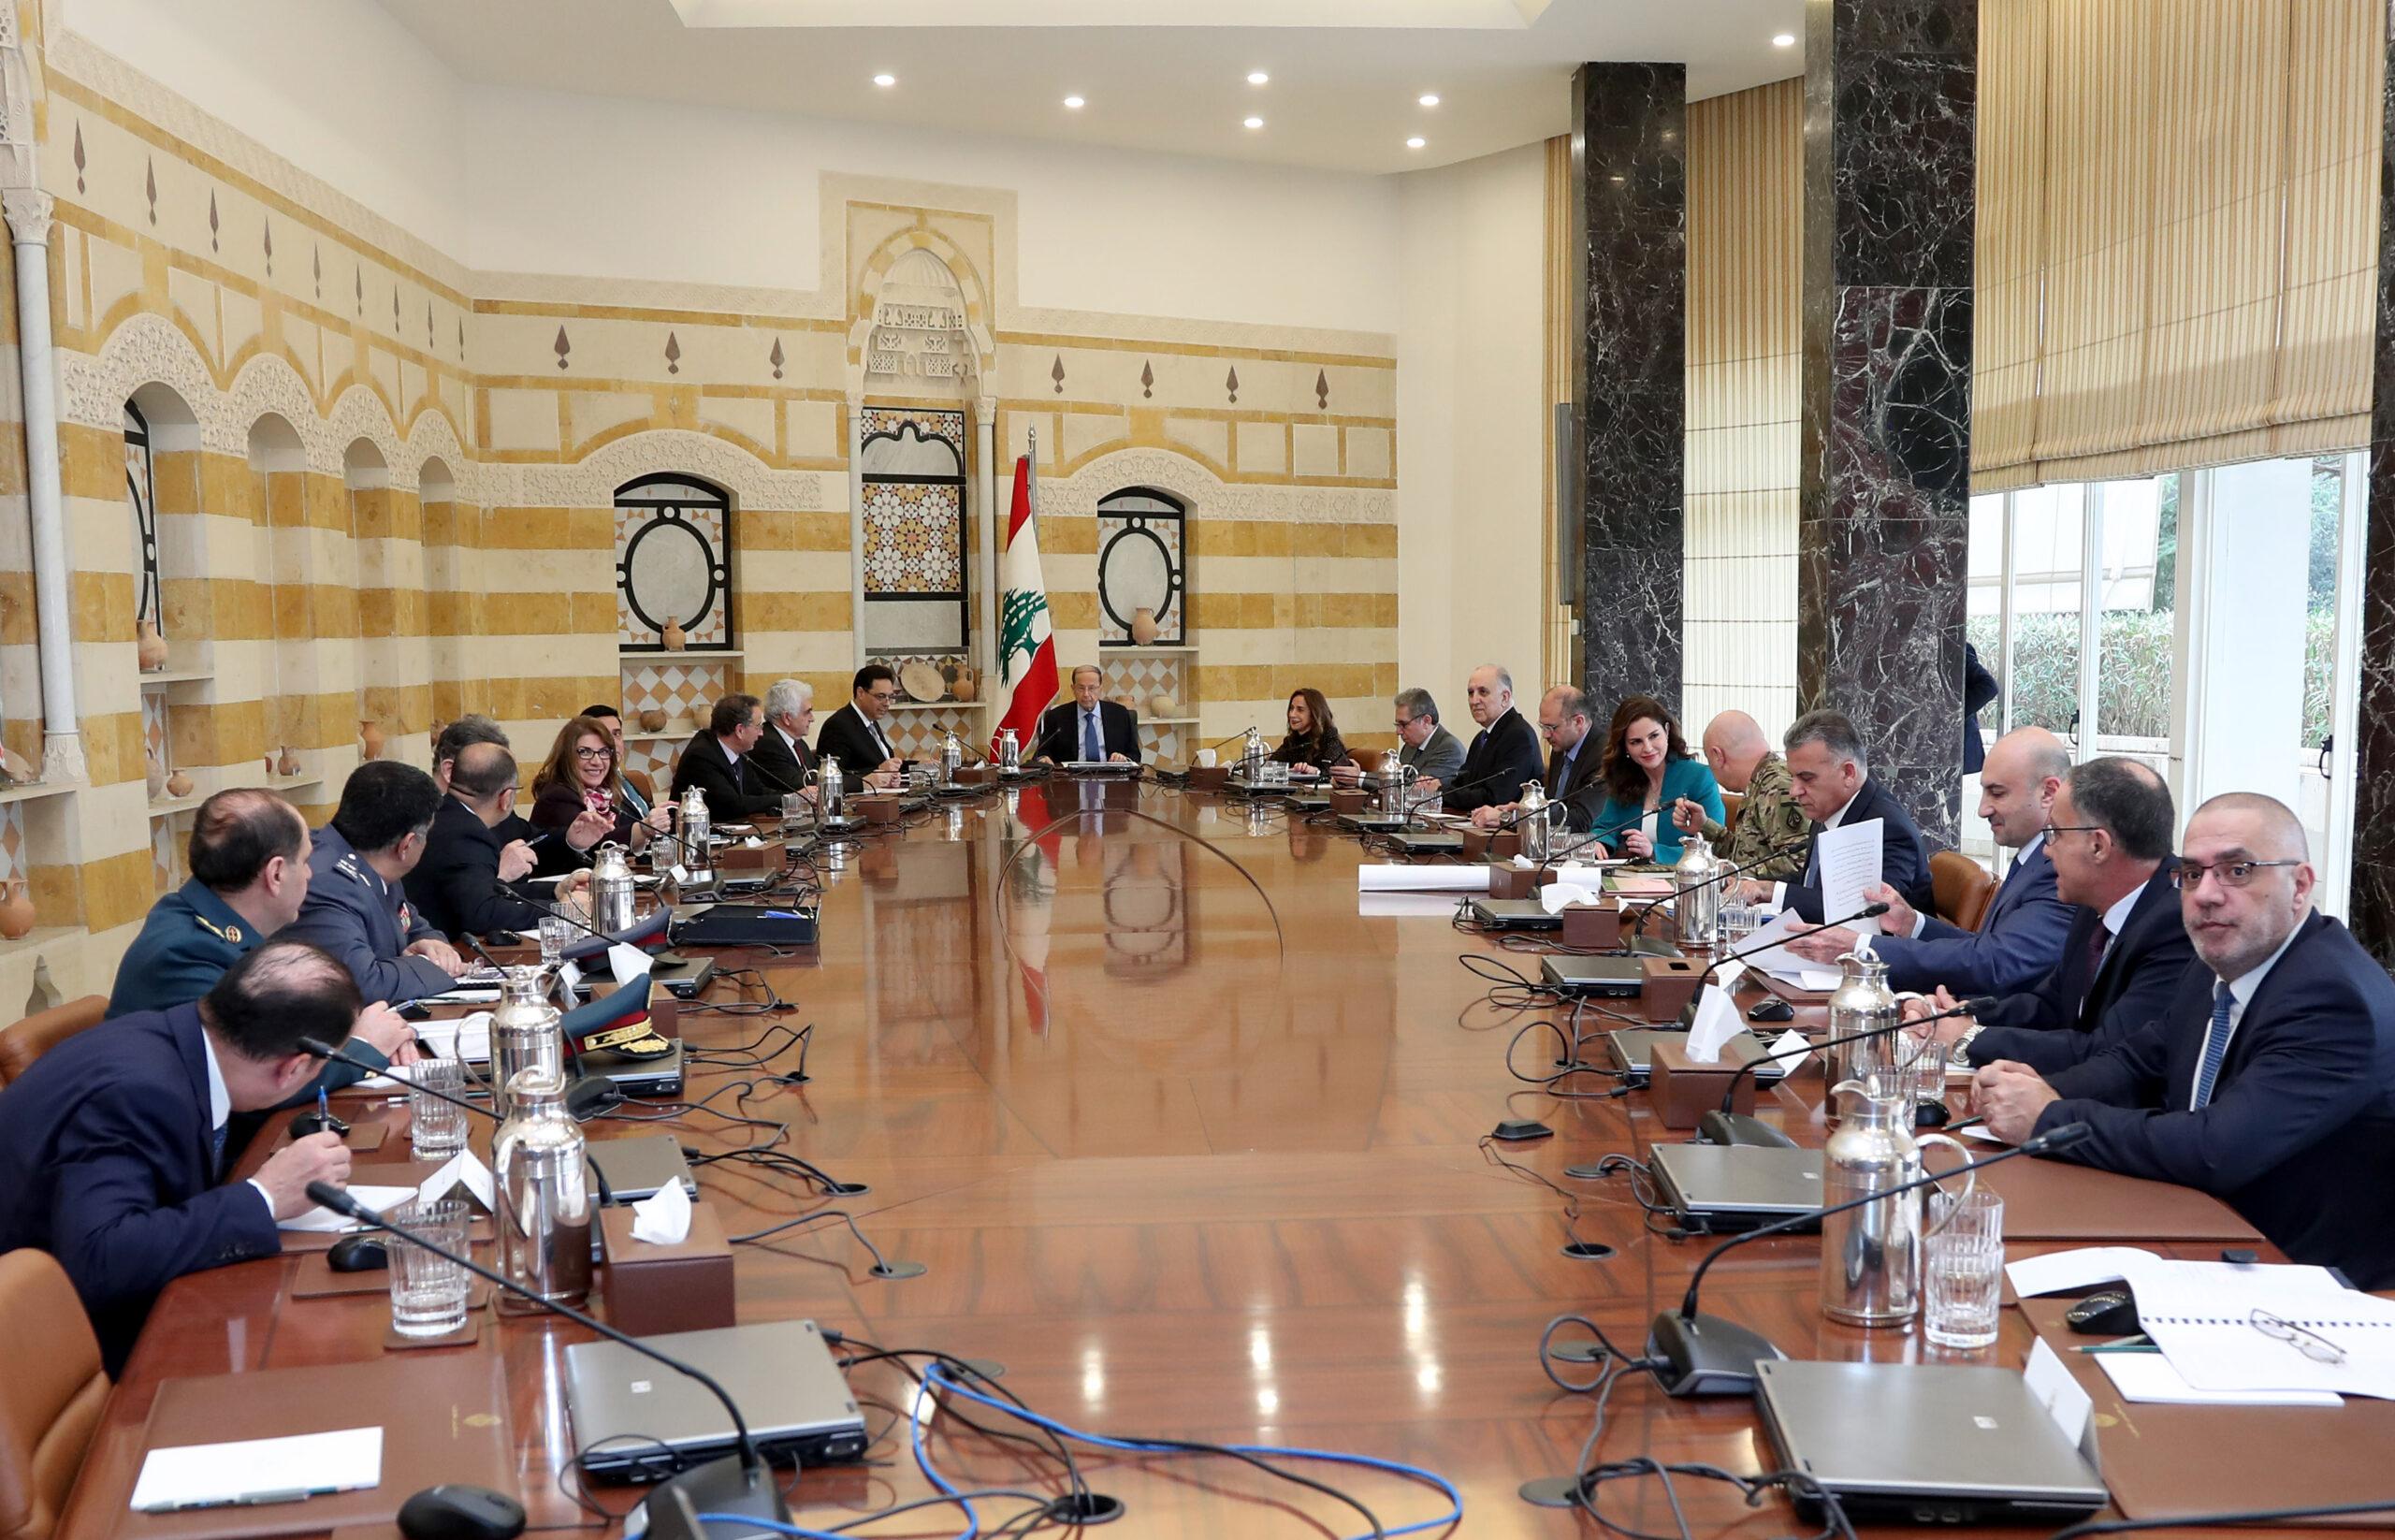 المجلس الأعلى للدفاع يعلن التعبئة العامة بشأن وباء كورونا